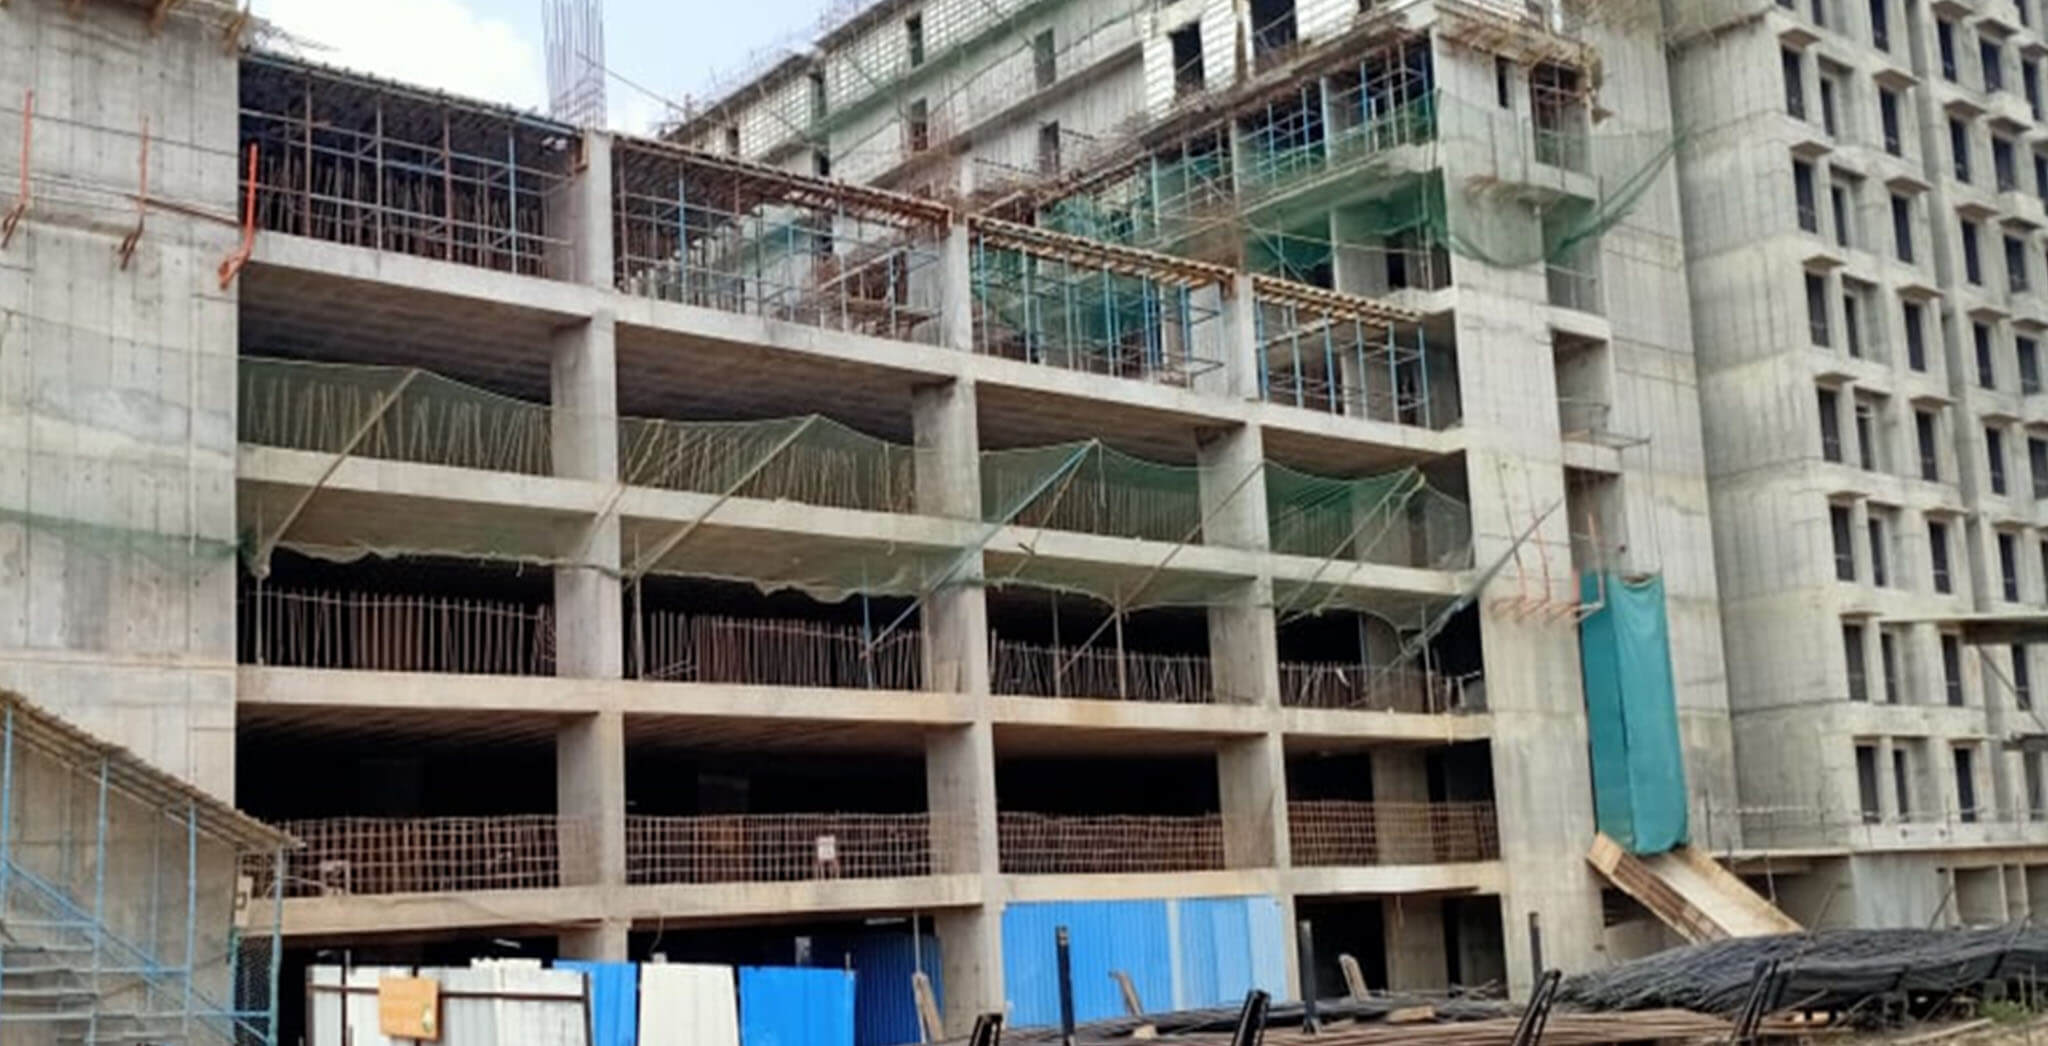 MLCP 01 towards H—4th floor work-in-progress - Status Image 3